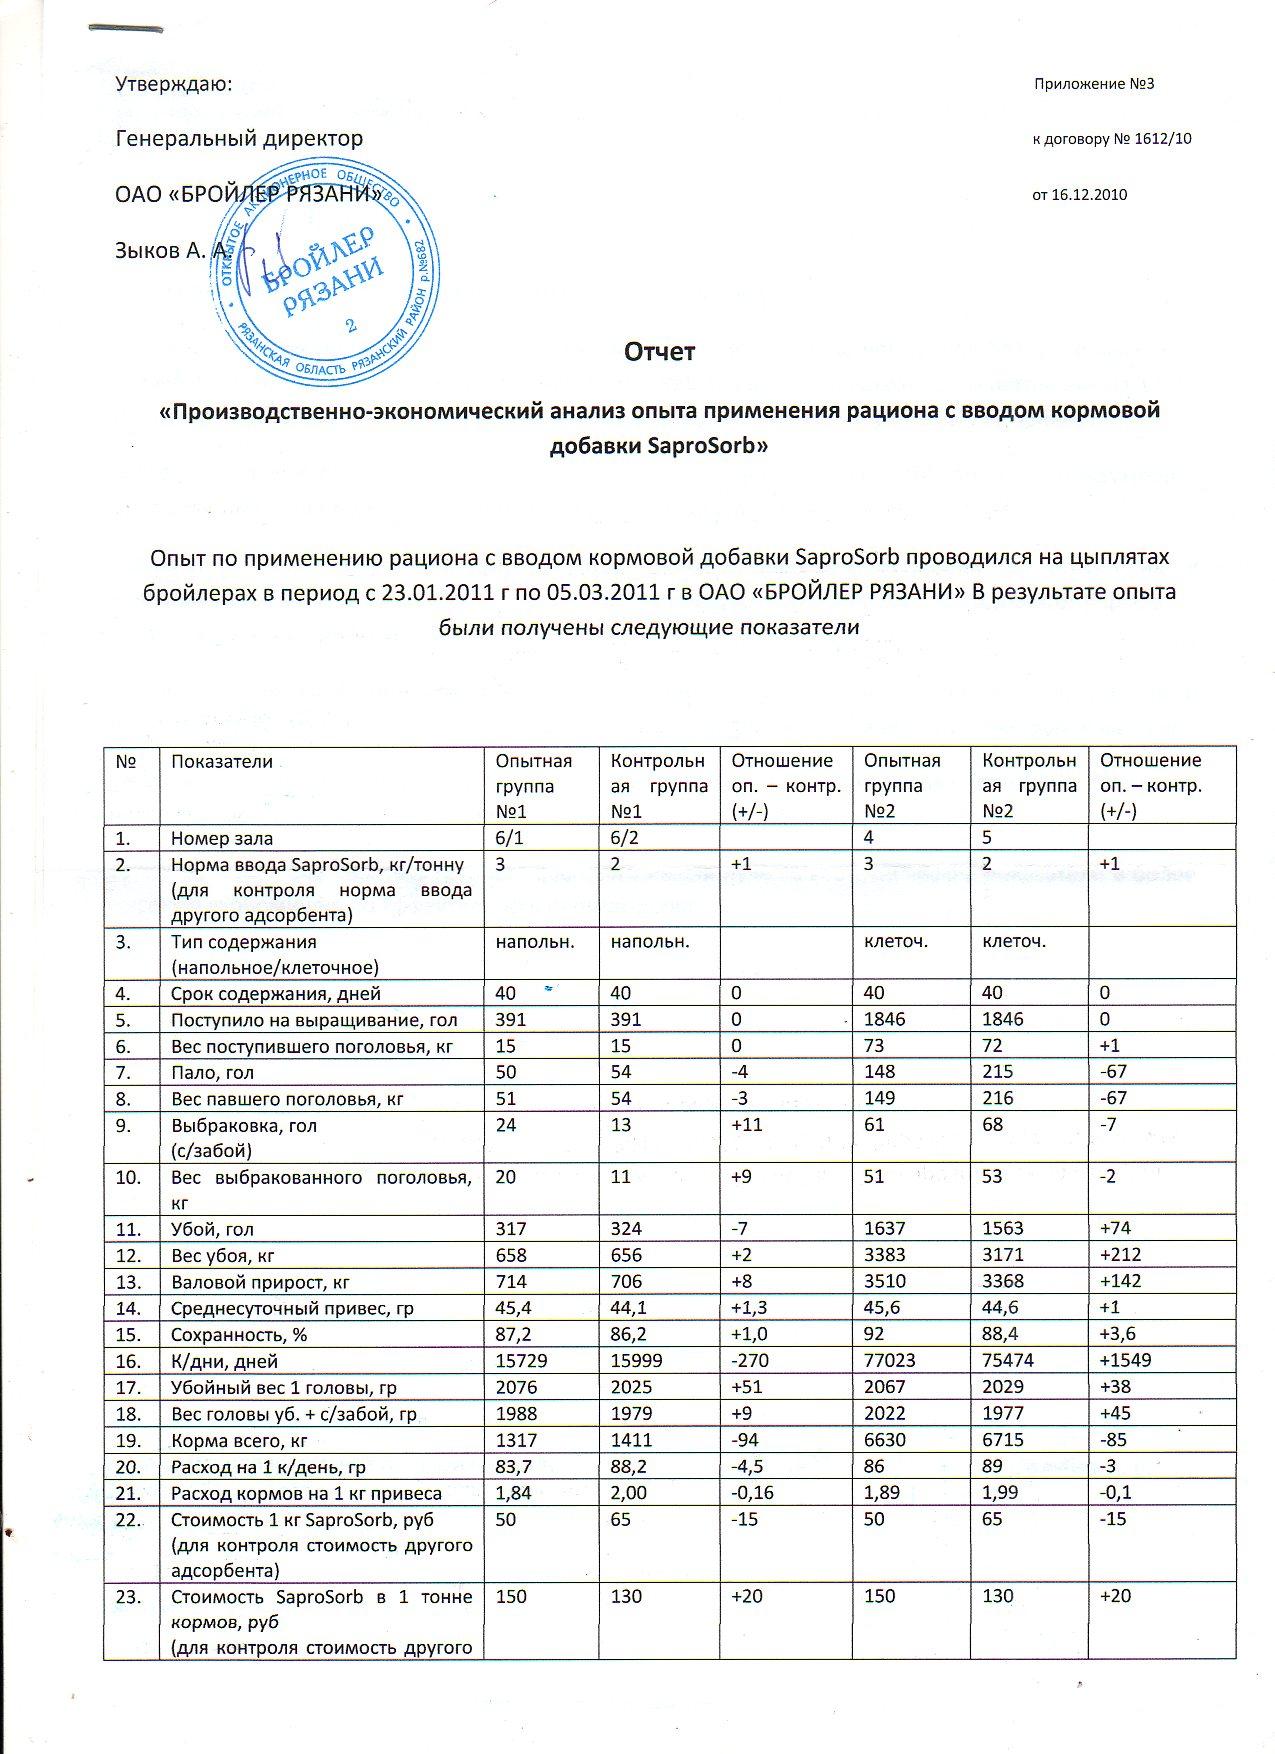 Отчет Опыт по применению рациона с вводом кормовой добавки сорбента / адсорбента SaproSORB